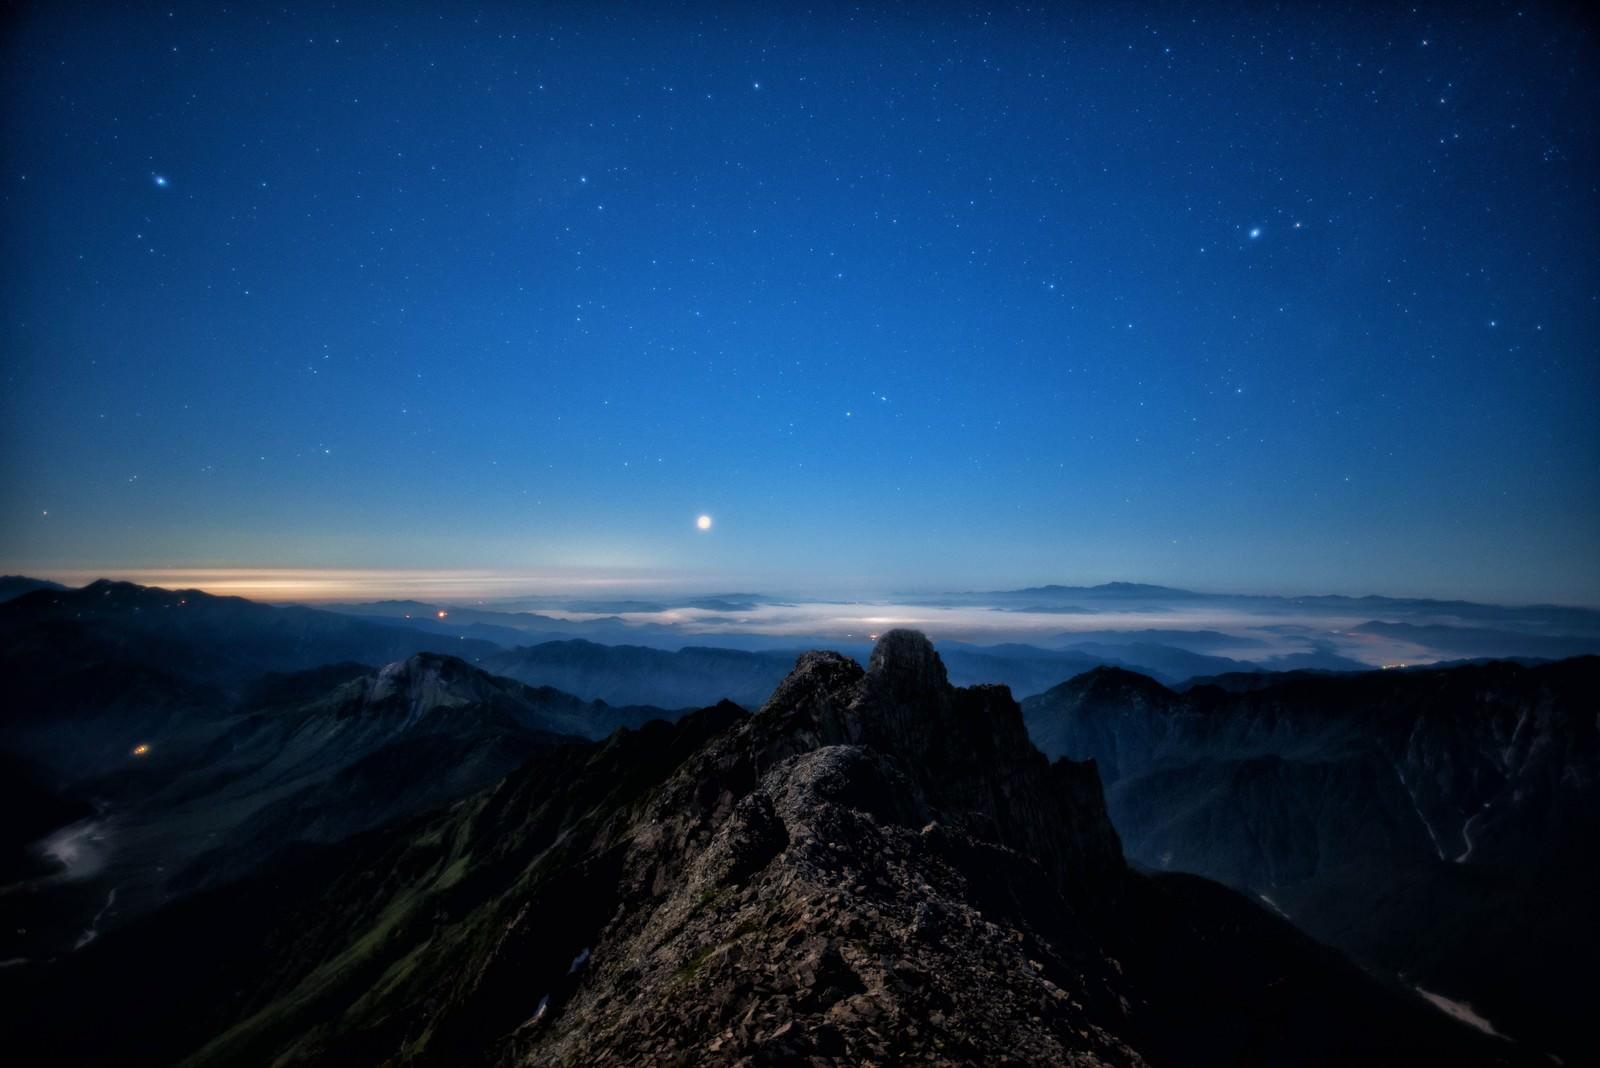 「星空と雲海を望むジャンダルム」の写真